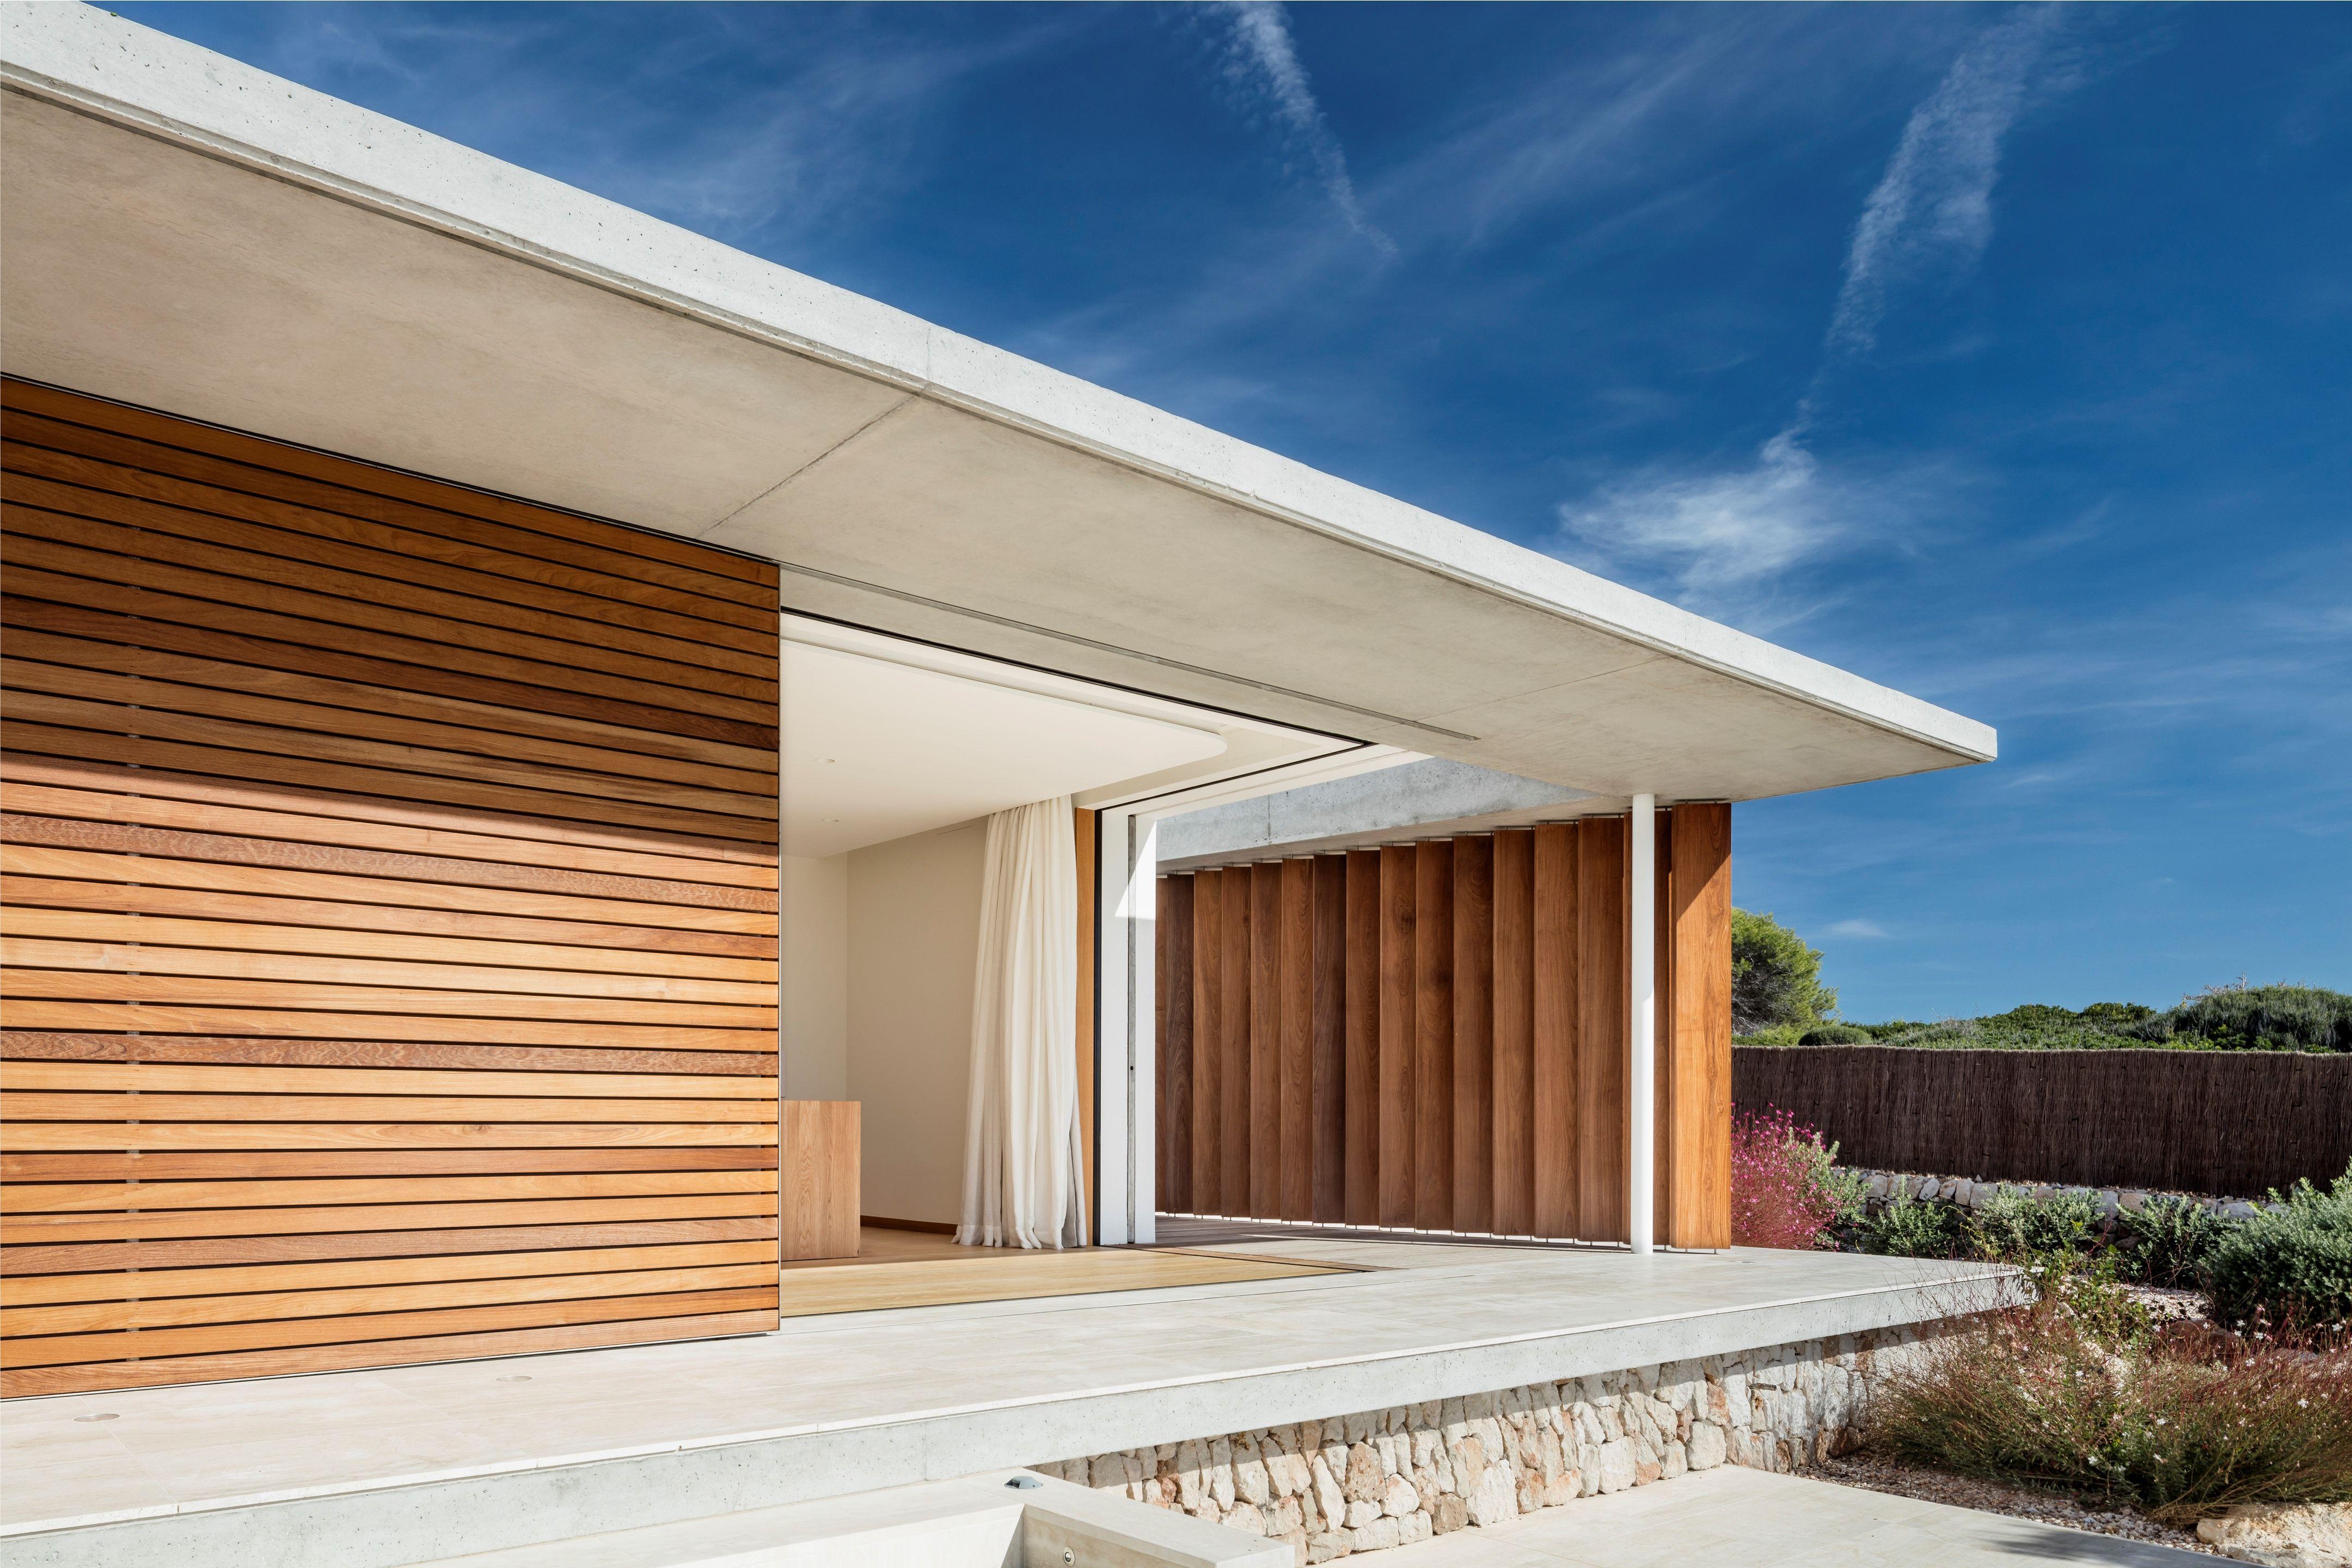 Rivestimento Casa In Legno pin su house green, house dream